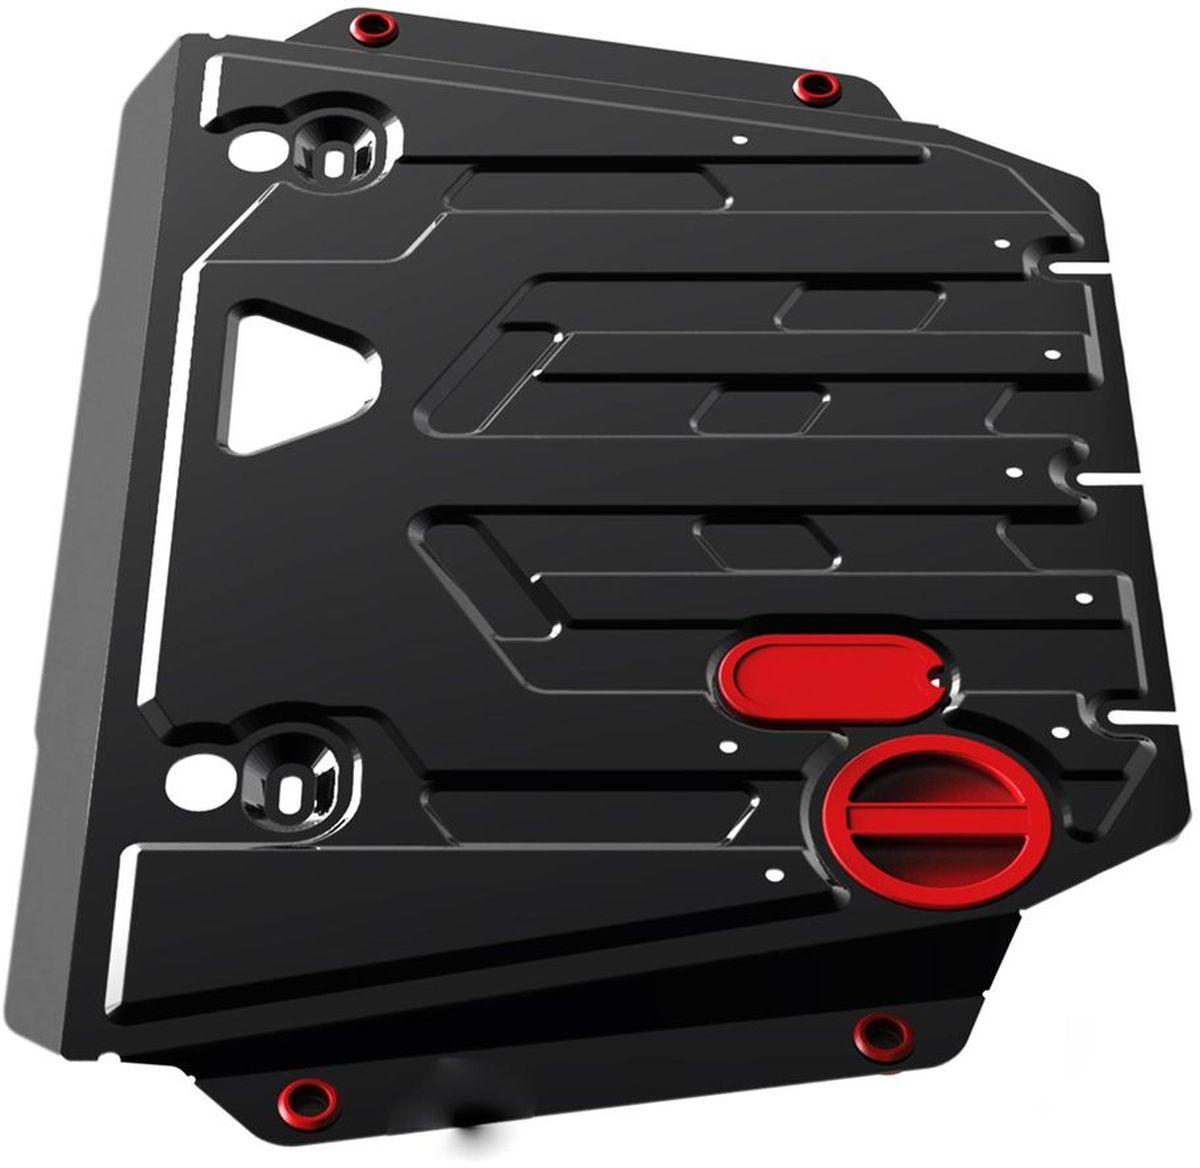 Защита картера и КПП Автоброня, для Fiat Albea V - 1,4 (2006-)98298123_черныйТехнологически совершенный продукт за невысокую стоимость.Защита разработана с учетом особенностей днища автомобиля, что позволяет сохранить дорожный просвет с минимальным изменением.Защита устанавливается в штатные места кузова автомобиля. Глубокий штамп обеспечивает до двух раз больше жесткости в сравнении с обычной защитой той же толщины. Проштампованные ребра жесткости препятствуют деформации защиты при ударах.Тепловой зазор и вентиляционные отверстия обеспечивают сохранение температурного режима двигателя в норме. Скрытый крепеж предотвращает срыв крепежных элементов при наезде на препятствие.Шумопоглощающие резиновые элементы обеспечивают комфортную езду без вибраций и скрежета металла, а съемные лючки для слива масла и замены фильтра - экономию средств и время.Конструкция изделия не влияет на пассивную безопасность автомобиля (при ударе защита не воздействует на деформационные зоны кузова). Со штатным крепежом. В комплекте инструкция по установке.Толщина стали: 2 мм.Уважаемые клиенты!Обращаем ваше внимание, что элемент защиты имеет форму, соответствующую модели данного автомобиля. Фото служит для визуального восприятия товара и может отличаться от фактического.